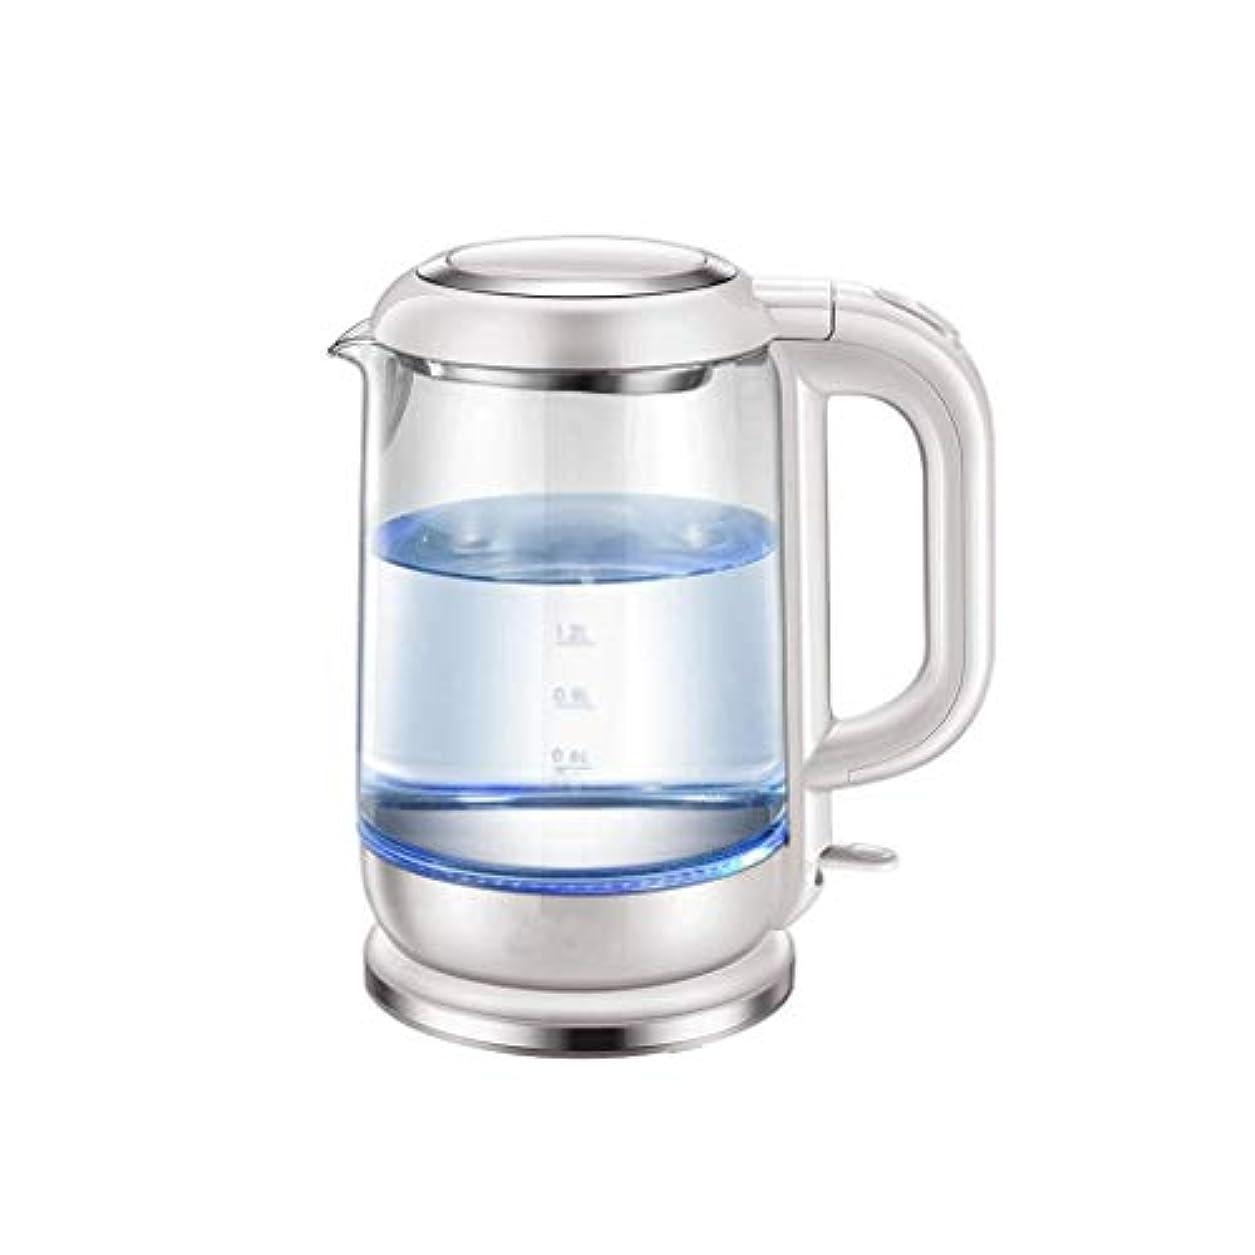 名誉ある液体慎重家庭用ガラス電気ケトル、304ステンレス鋼のやかん、簡単にきれいな1.7Lへの迅速なポットミニ寮沸騰水型ティーポット、乾燥防止、 (Color : Silver)